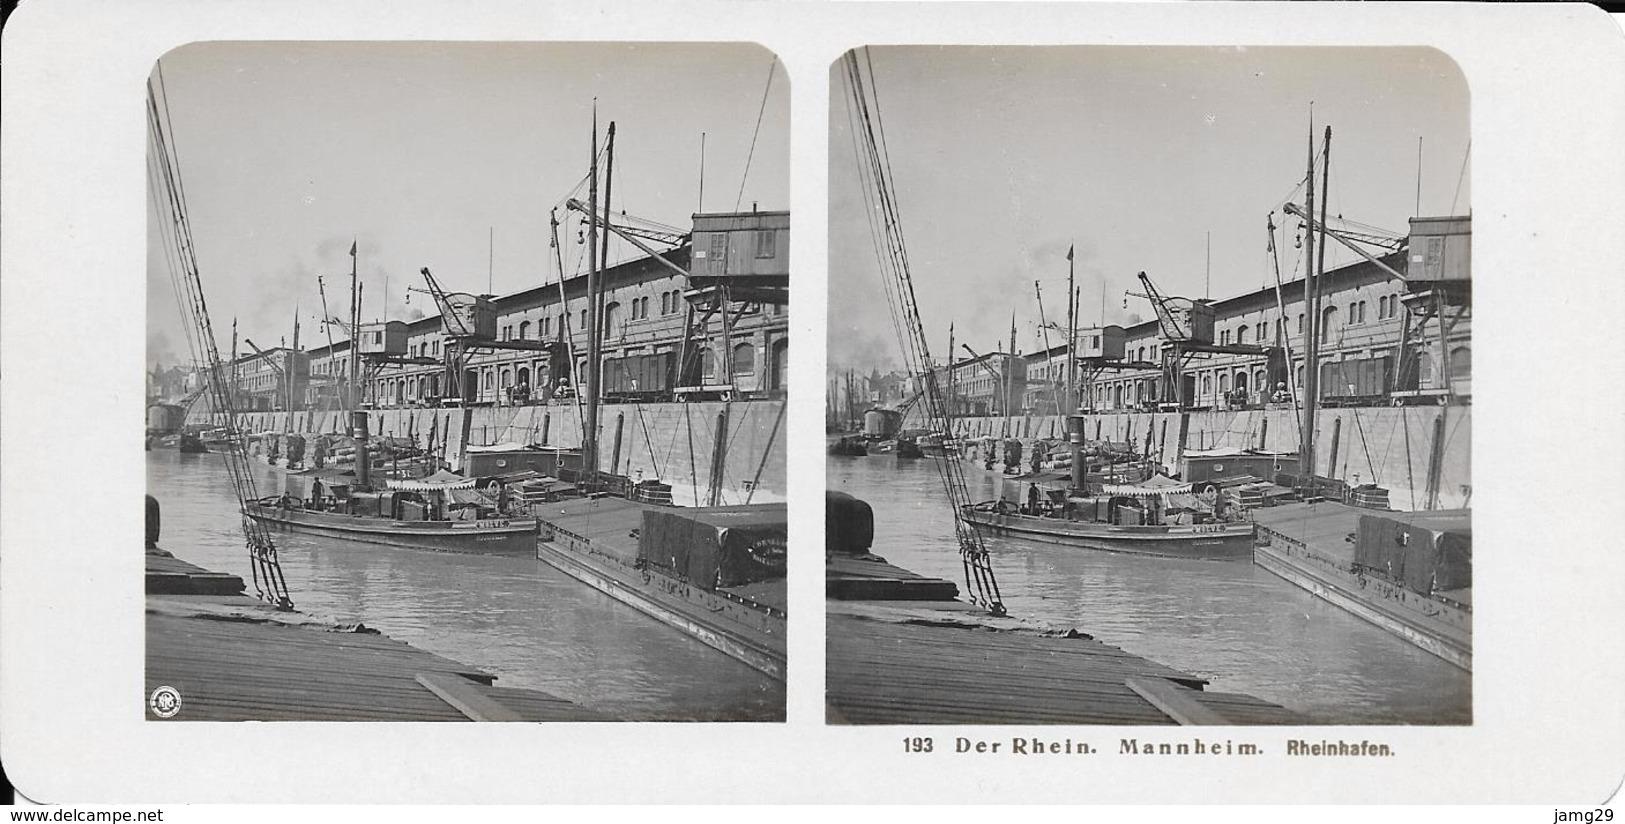 Duitsland/Deutschland, Stereoscoopfoto, Der Rhein, Mannheim, Rheinhafen, Ca. 1920 - Fotos Estereoscópicas